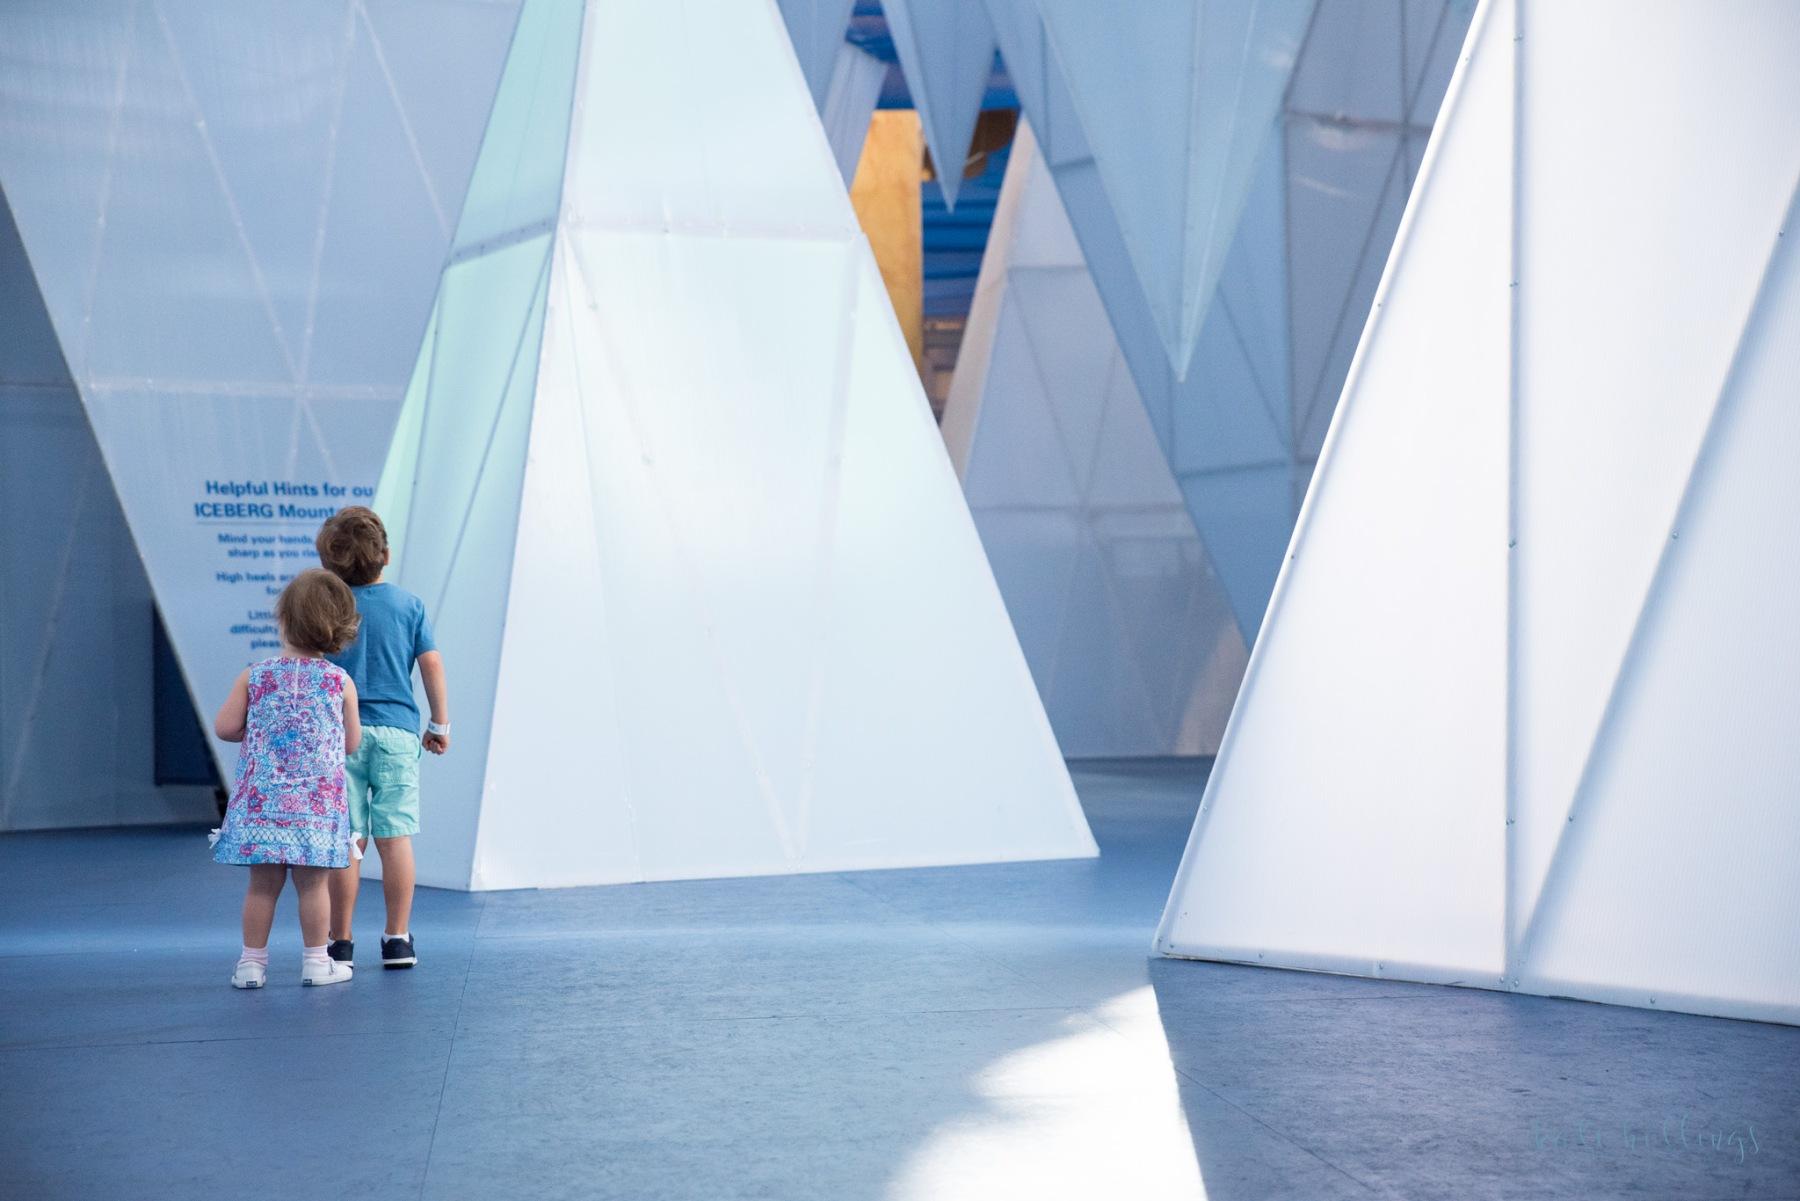 Icebergs - 2